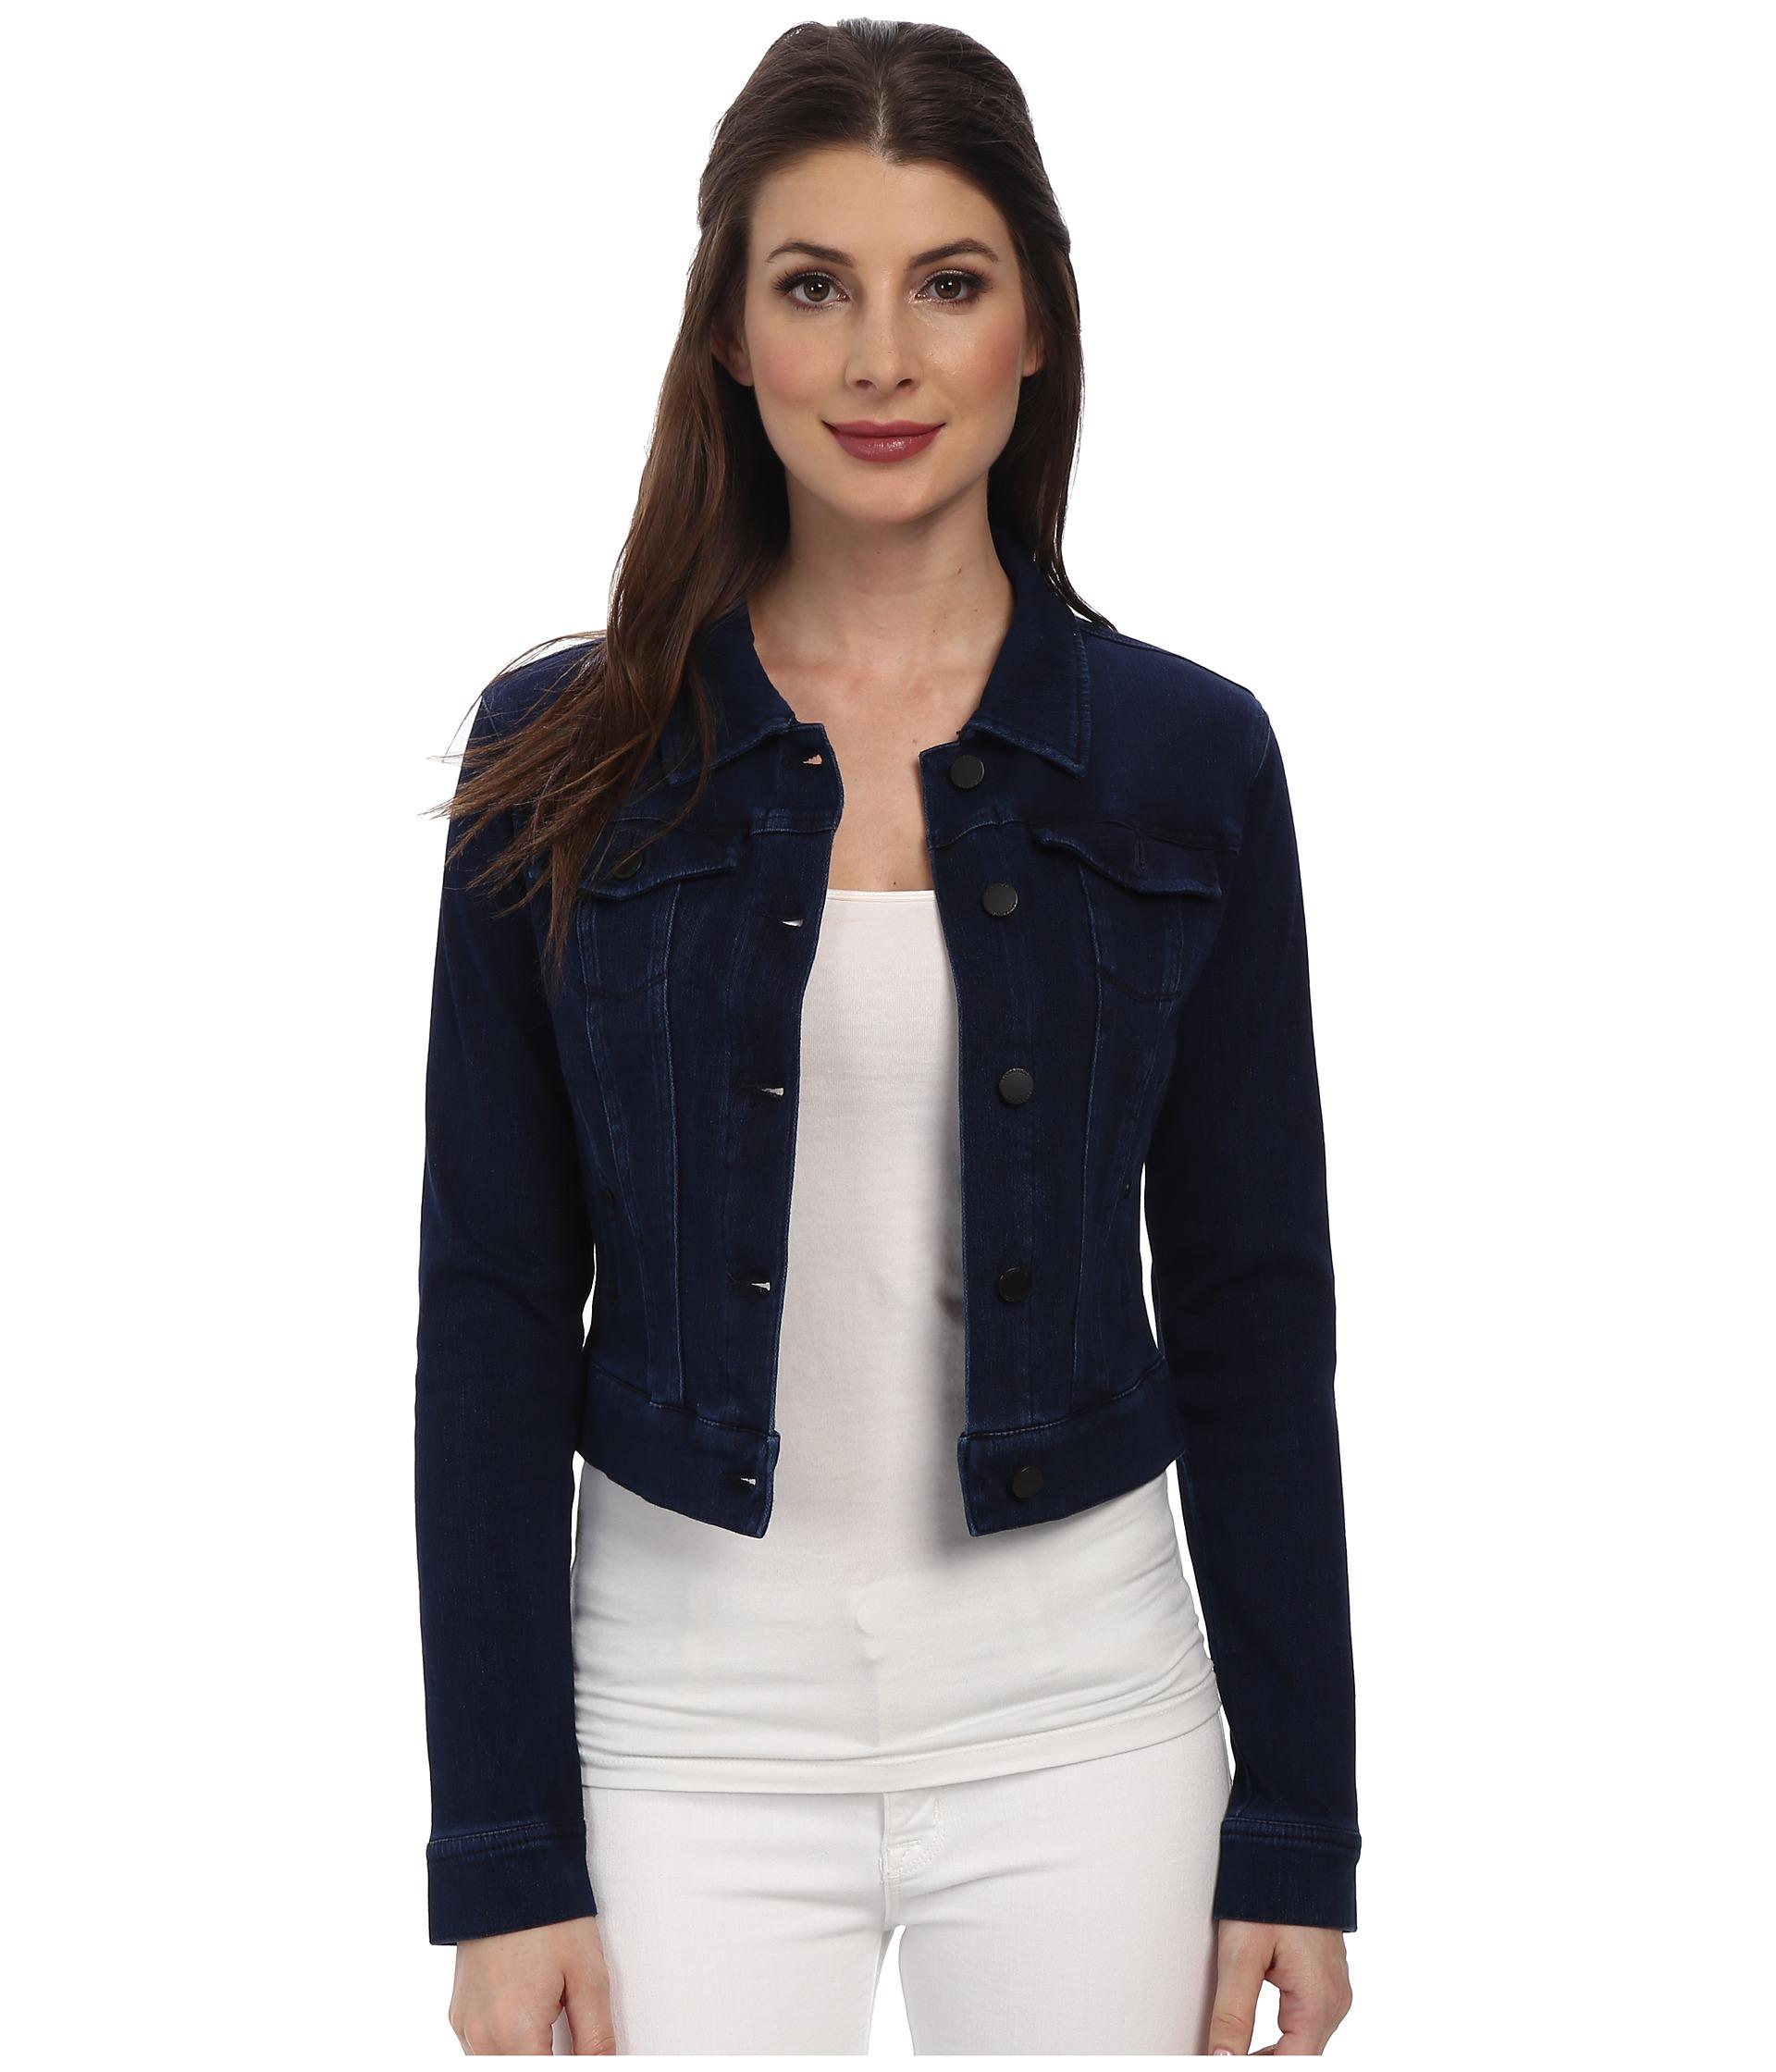 Cropped sleeve leather jacket